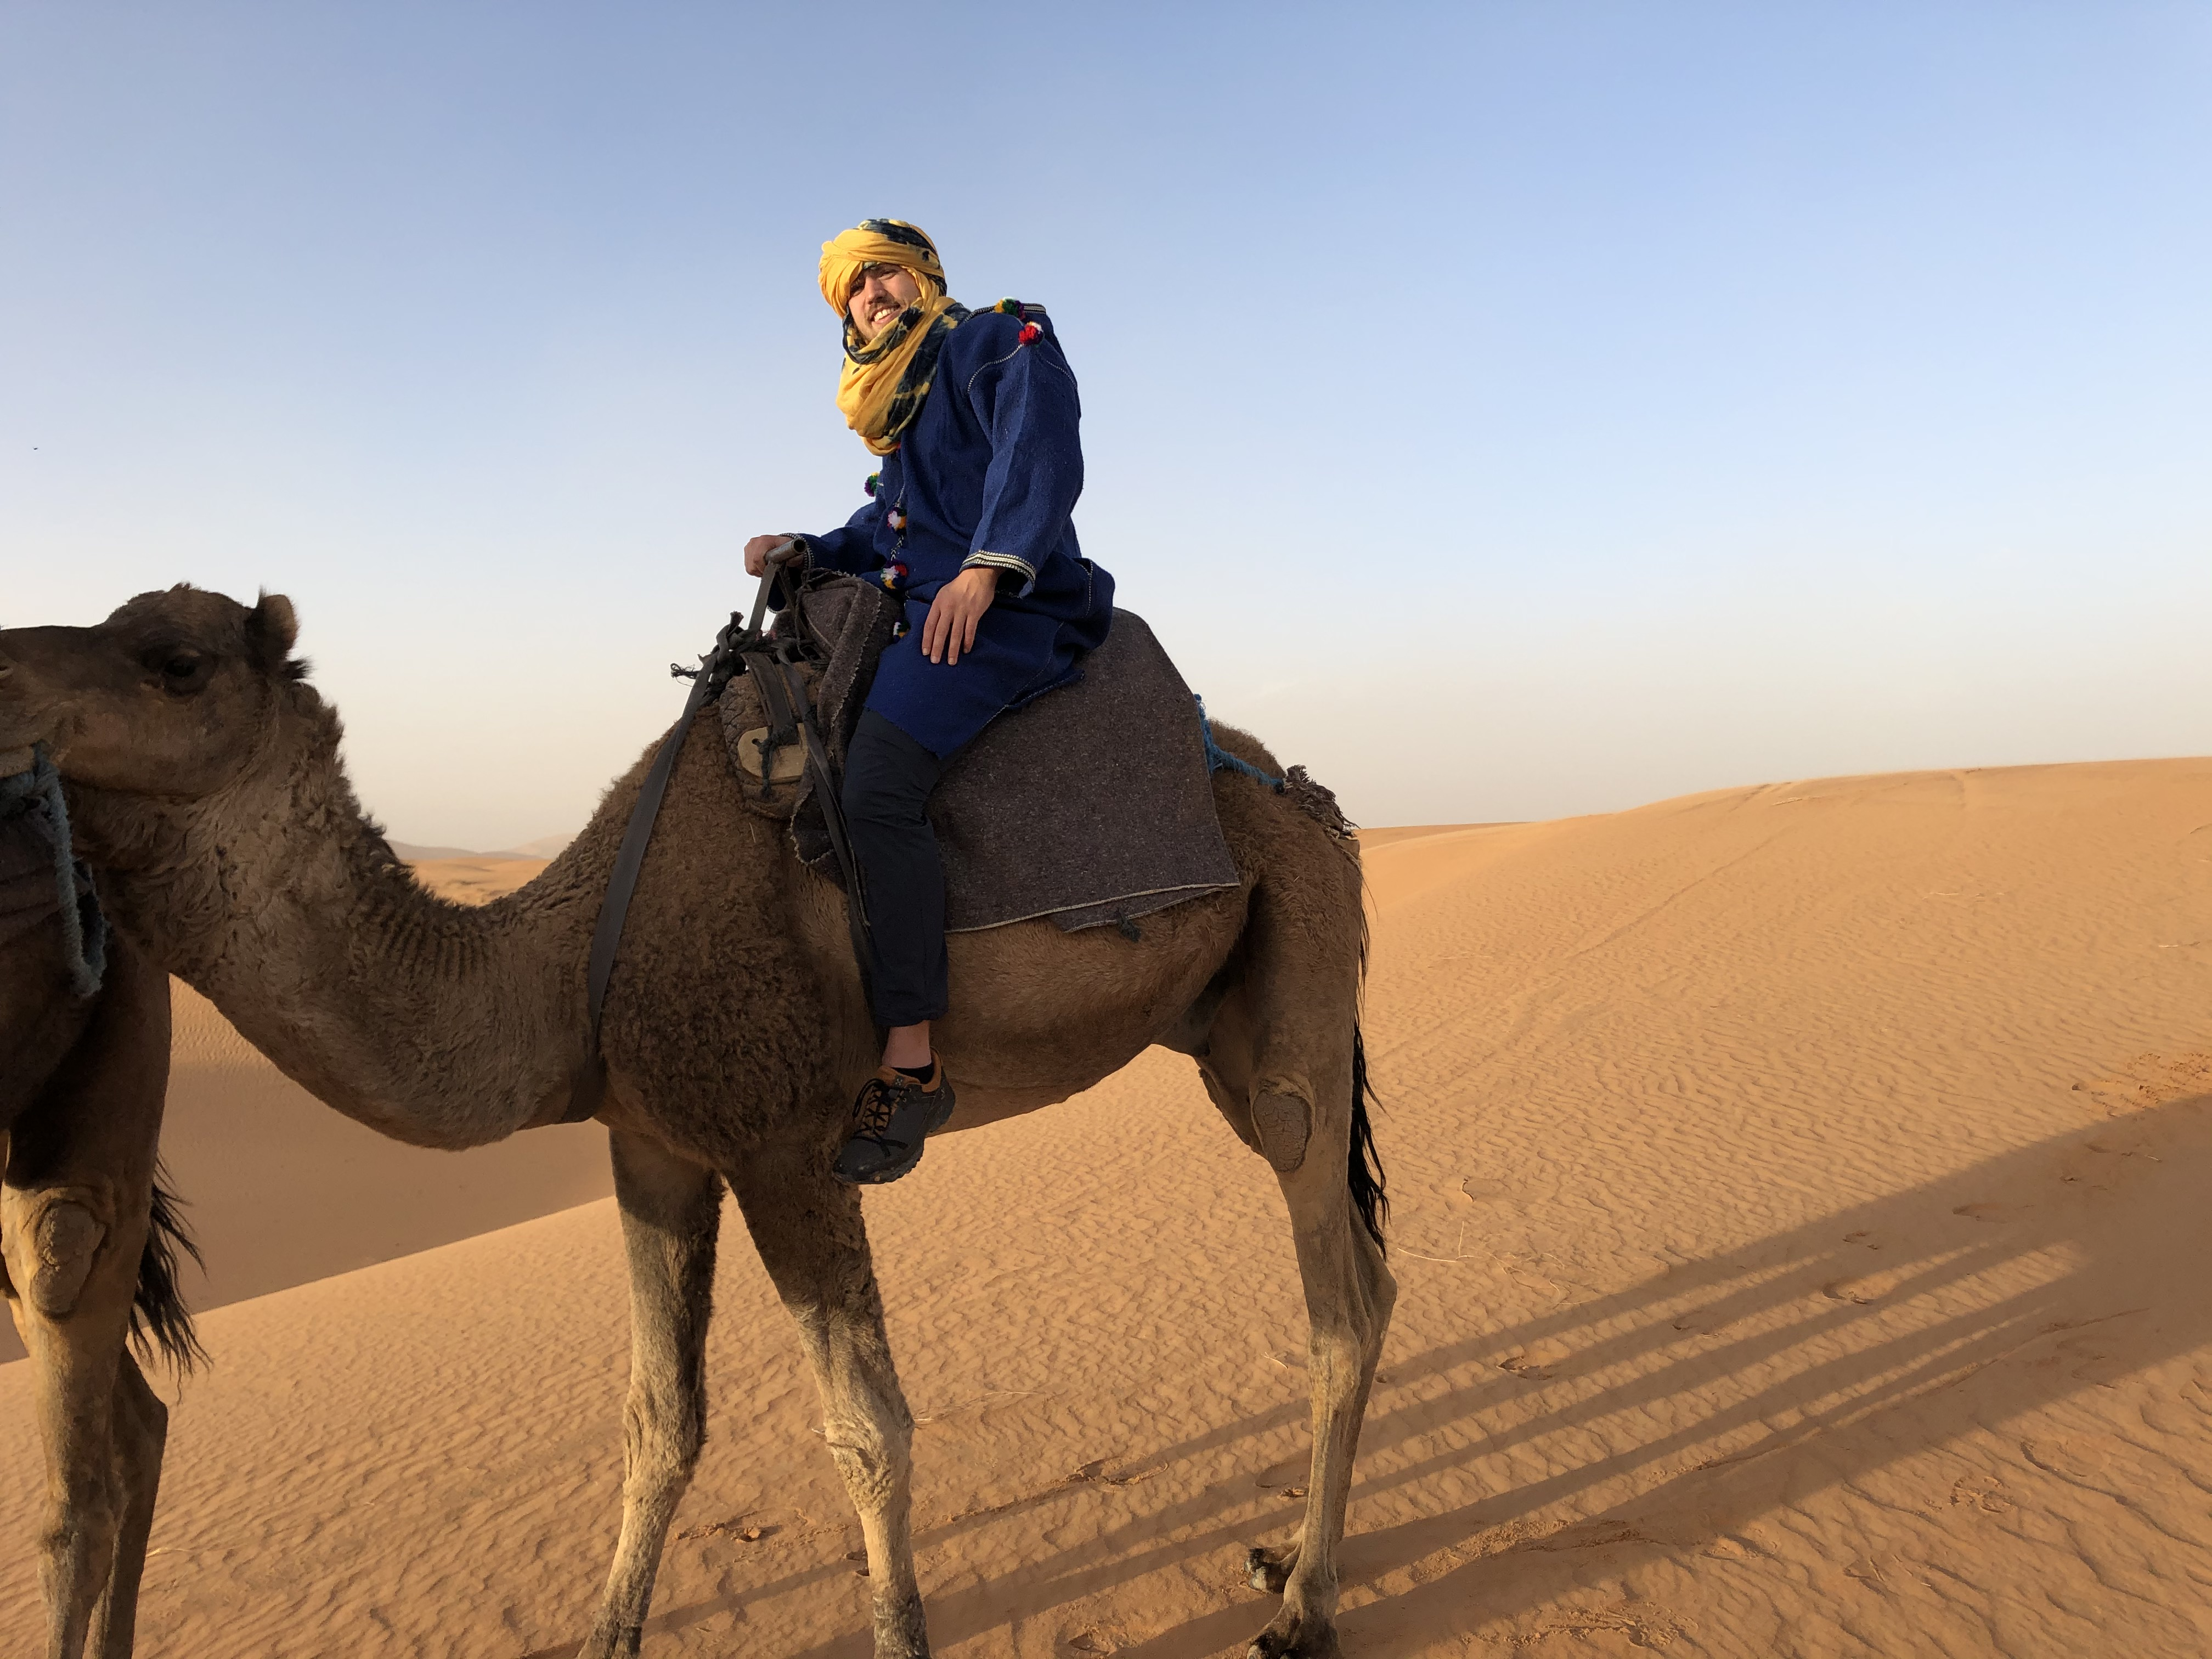 Marokko kamelenrit woestijn